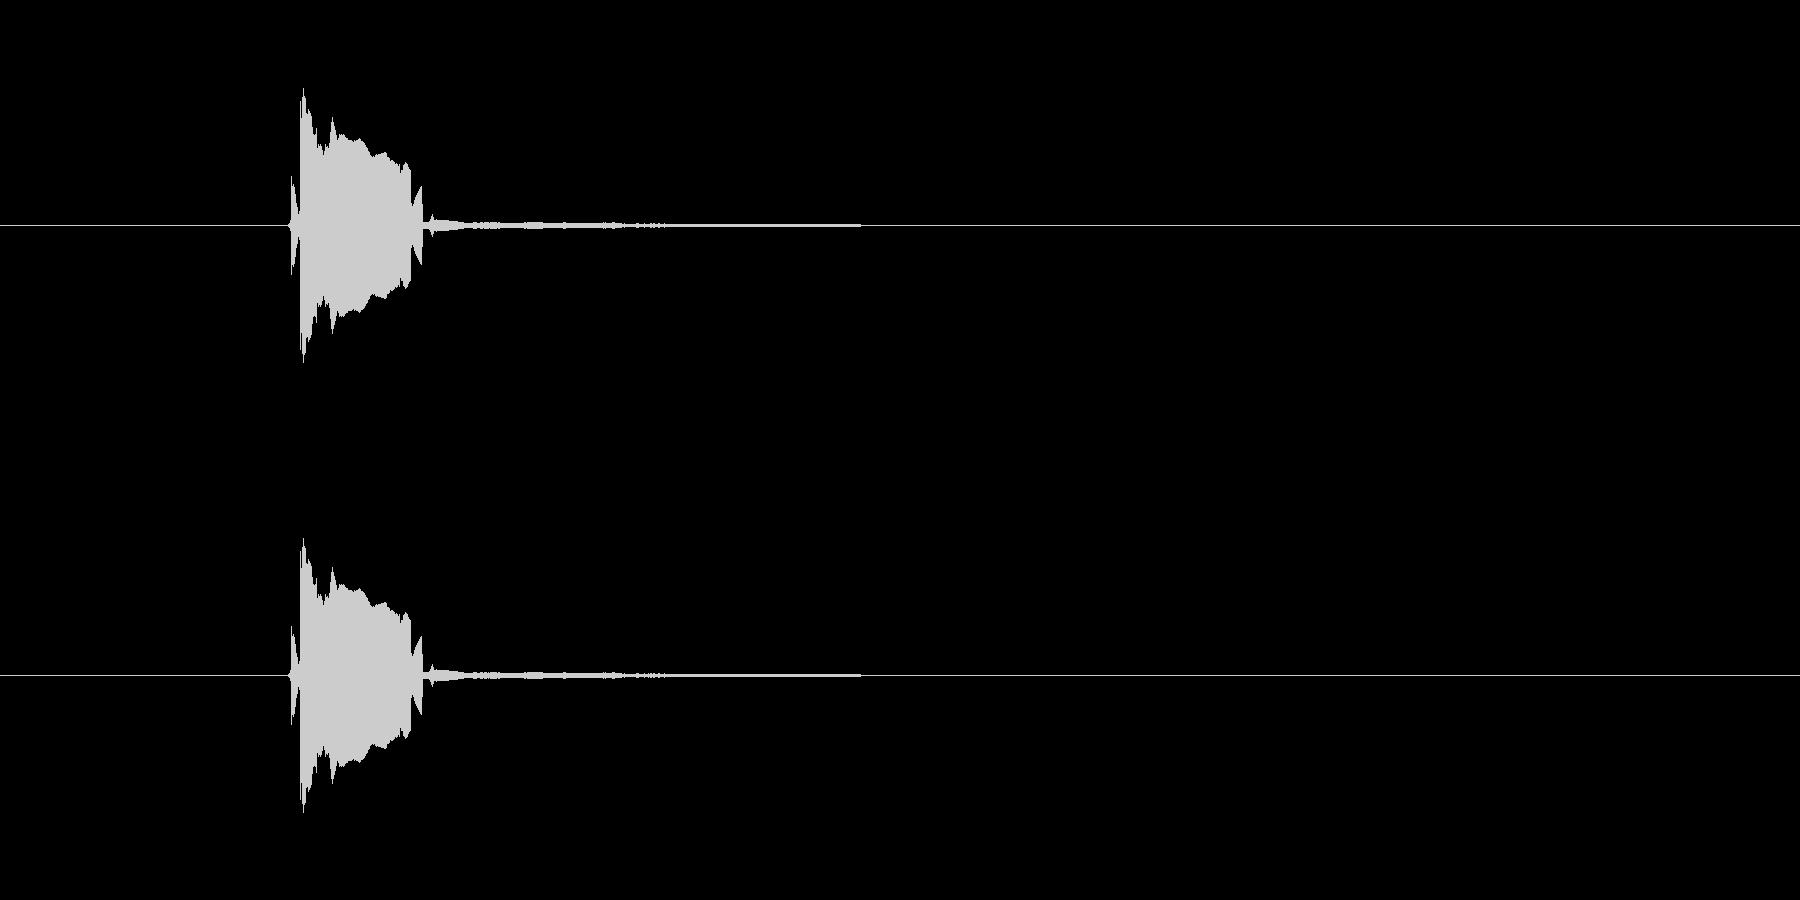 ピッ!というカーソル音、移動音、正解音…の未再生の波形